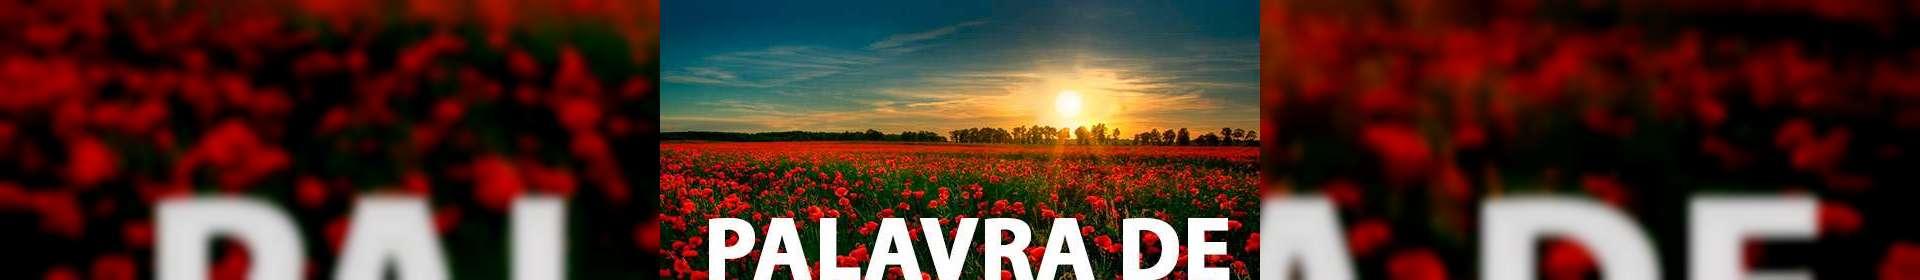 Salmos 62:1 - Uma Palavra de Esperança para sua vida